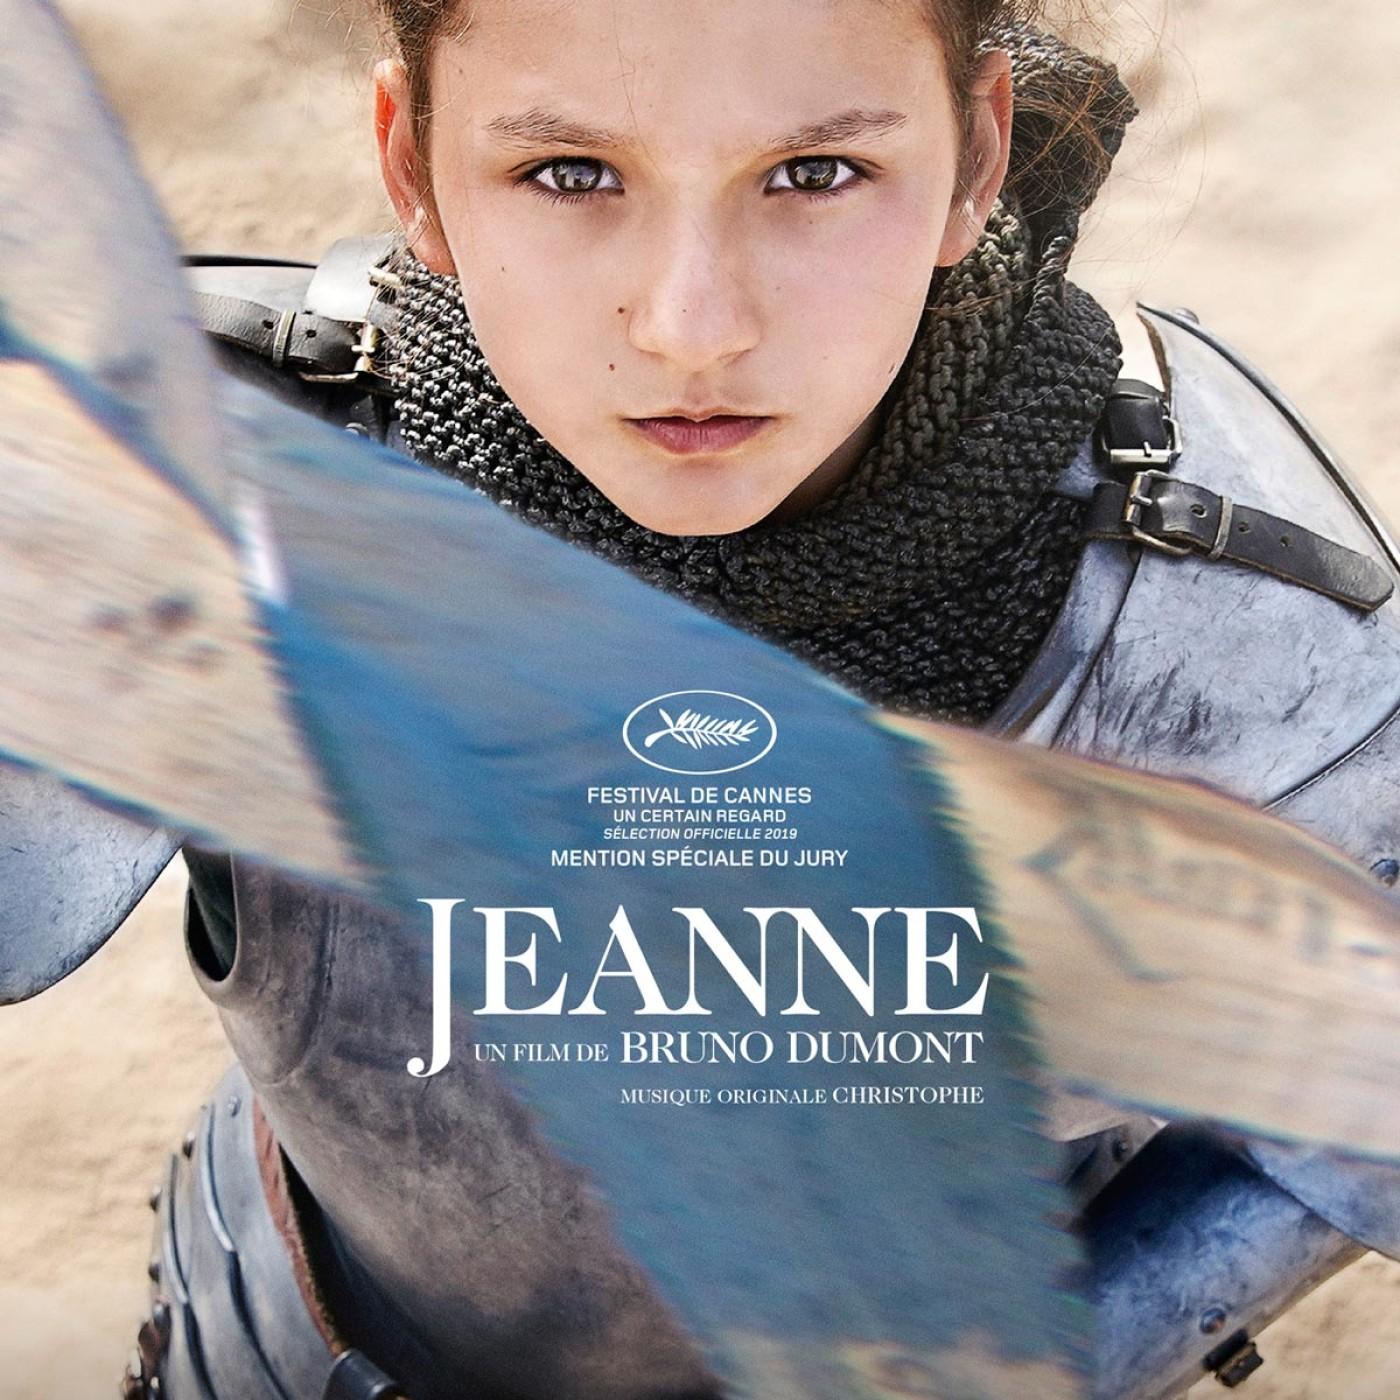 Critique du Film JEANNE de Bruno Dumont